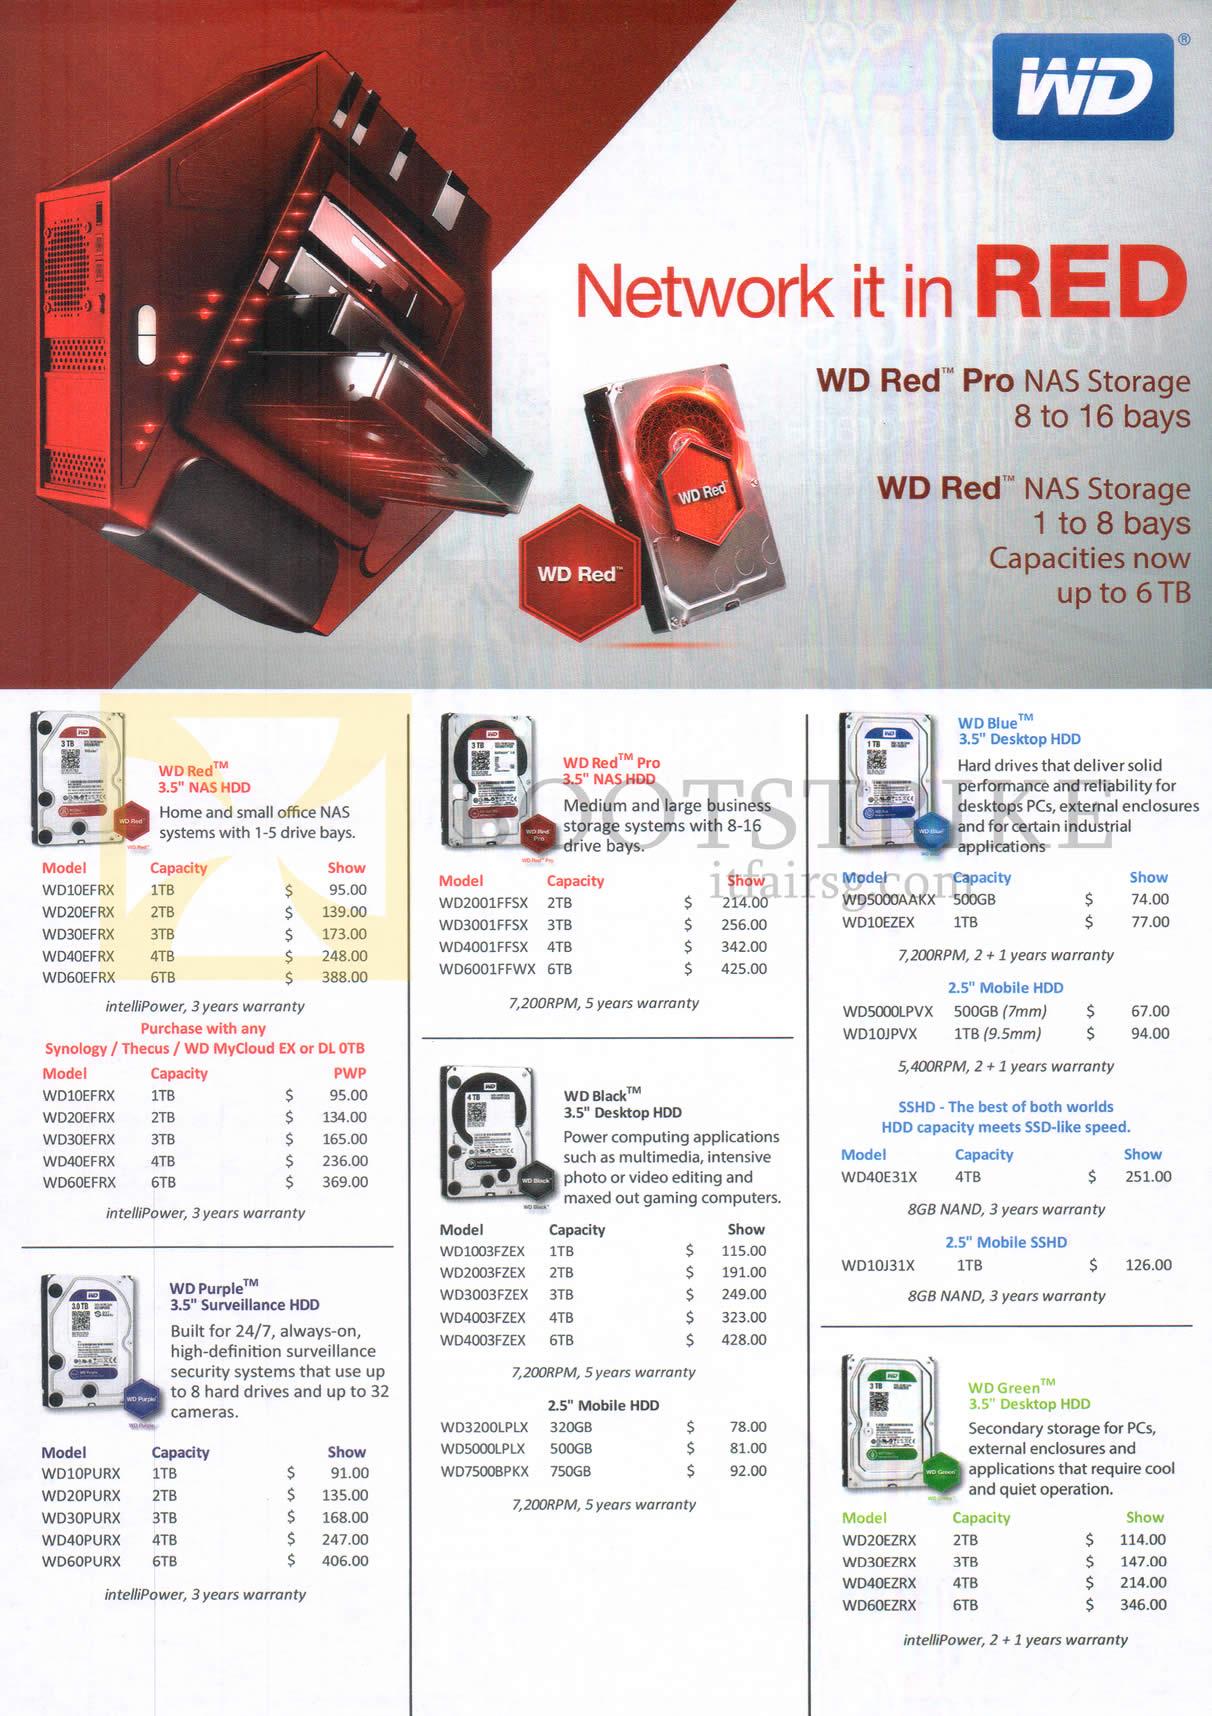 SITEX 2015 price list image brochure of Western Digital Internal Hard Disk, NAS Storage Bays Red, Purple, Red Pro, Black, Blue, Green 320GB, 500GB, 750GB, 1TB, 2TB, 3TB, 4TB, 6TB